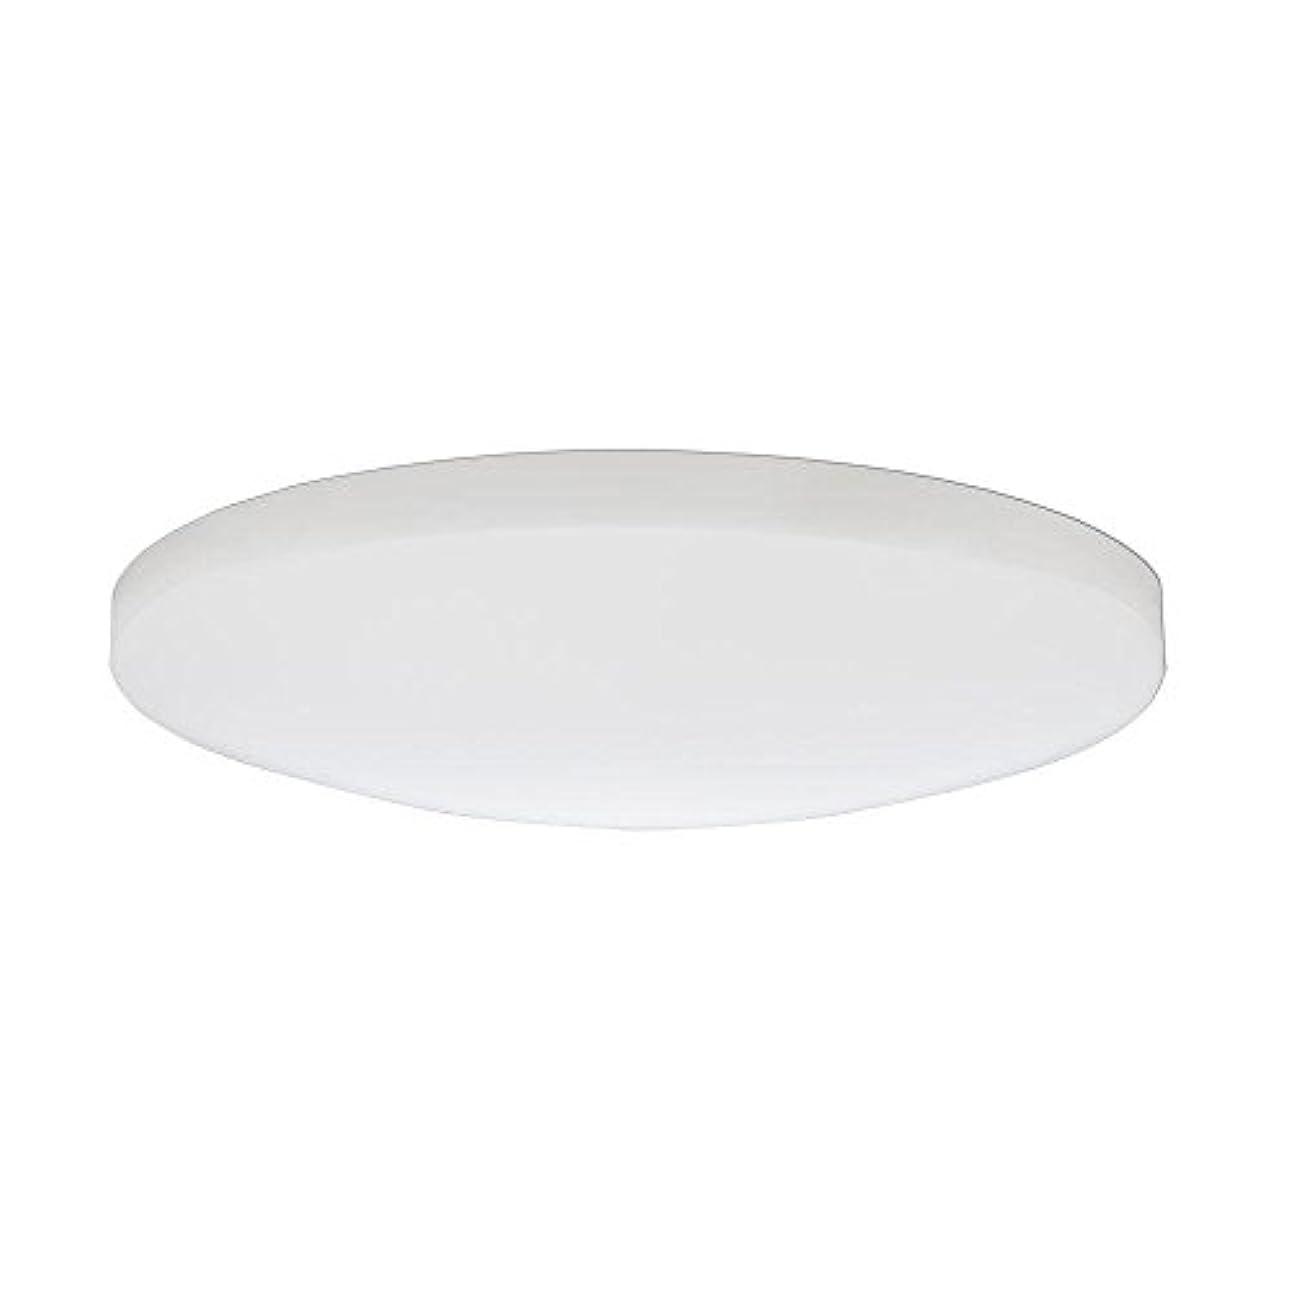 神経日常的に達成可能Lithonia Lighting DSATL 13 M4 Replacement Glass Diffuser, 13', White [並行輸入品]